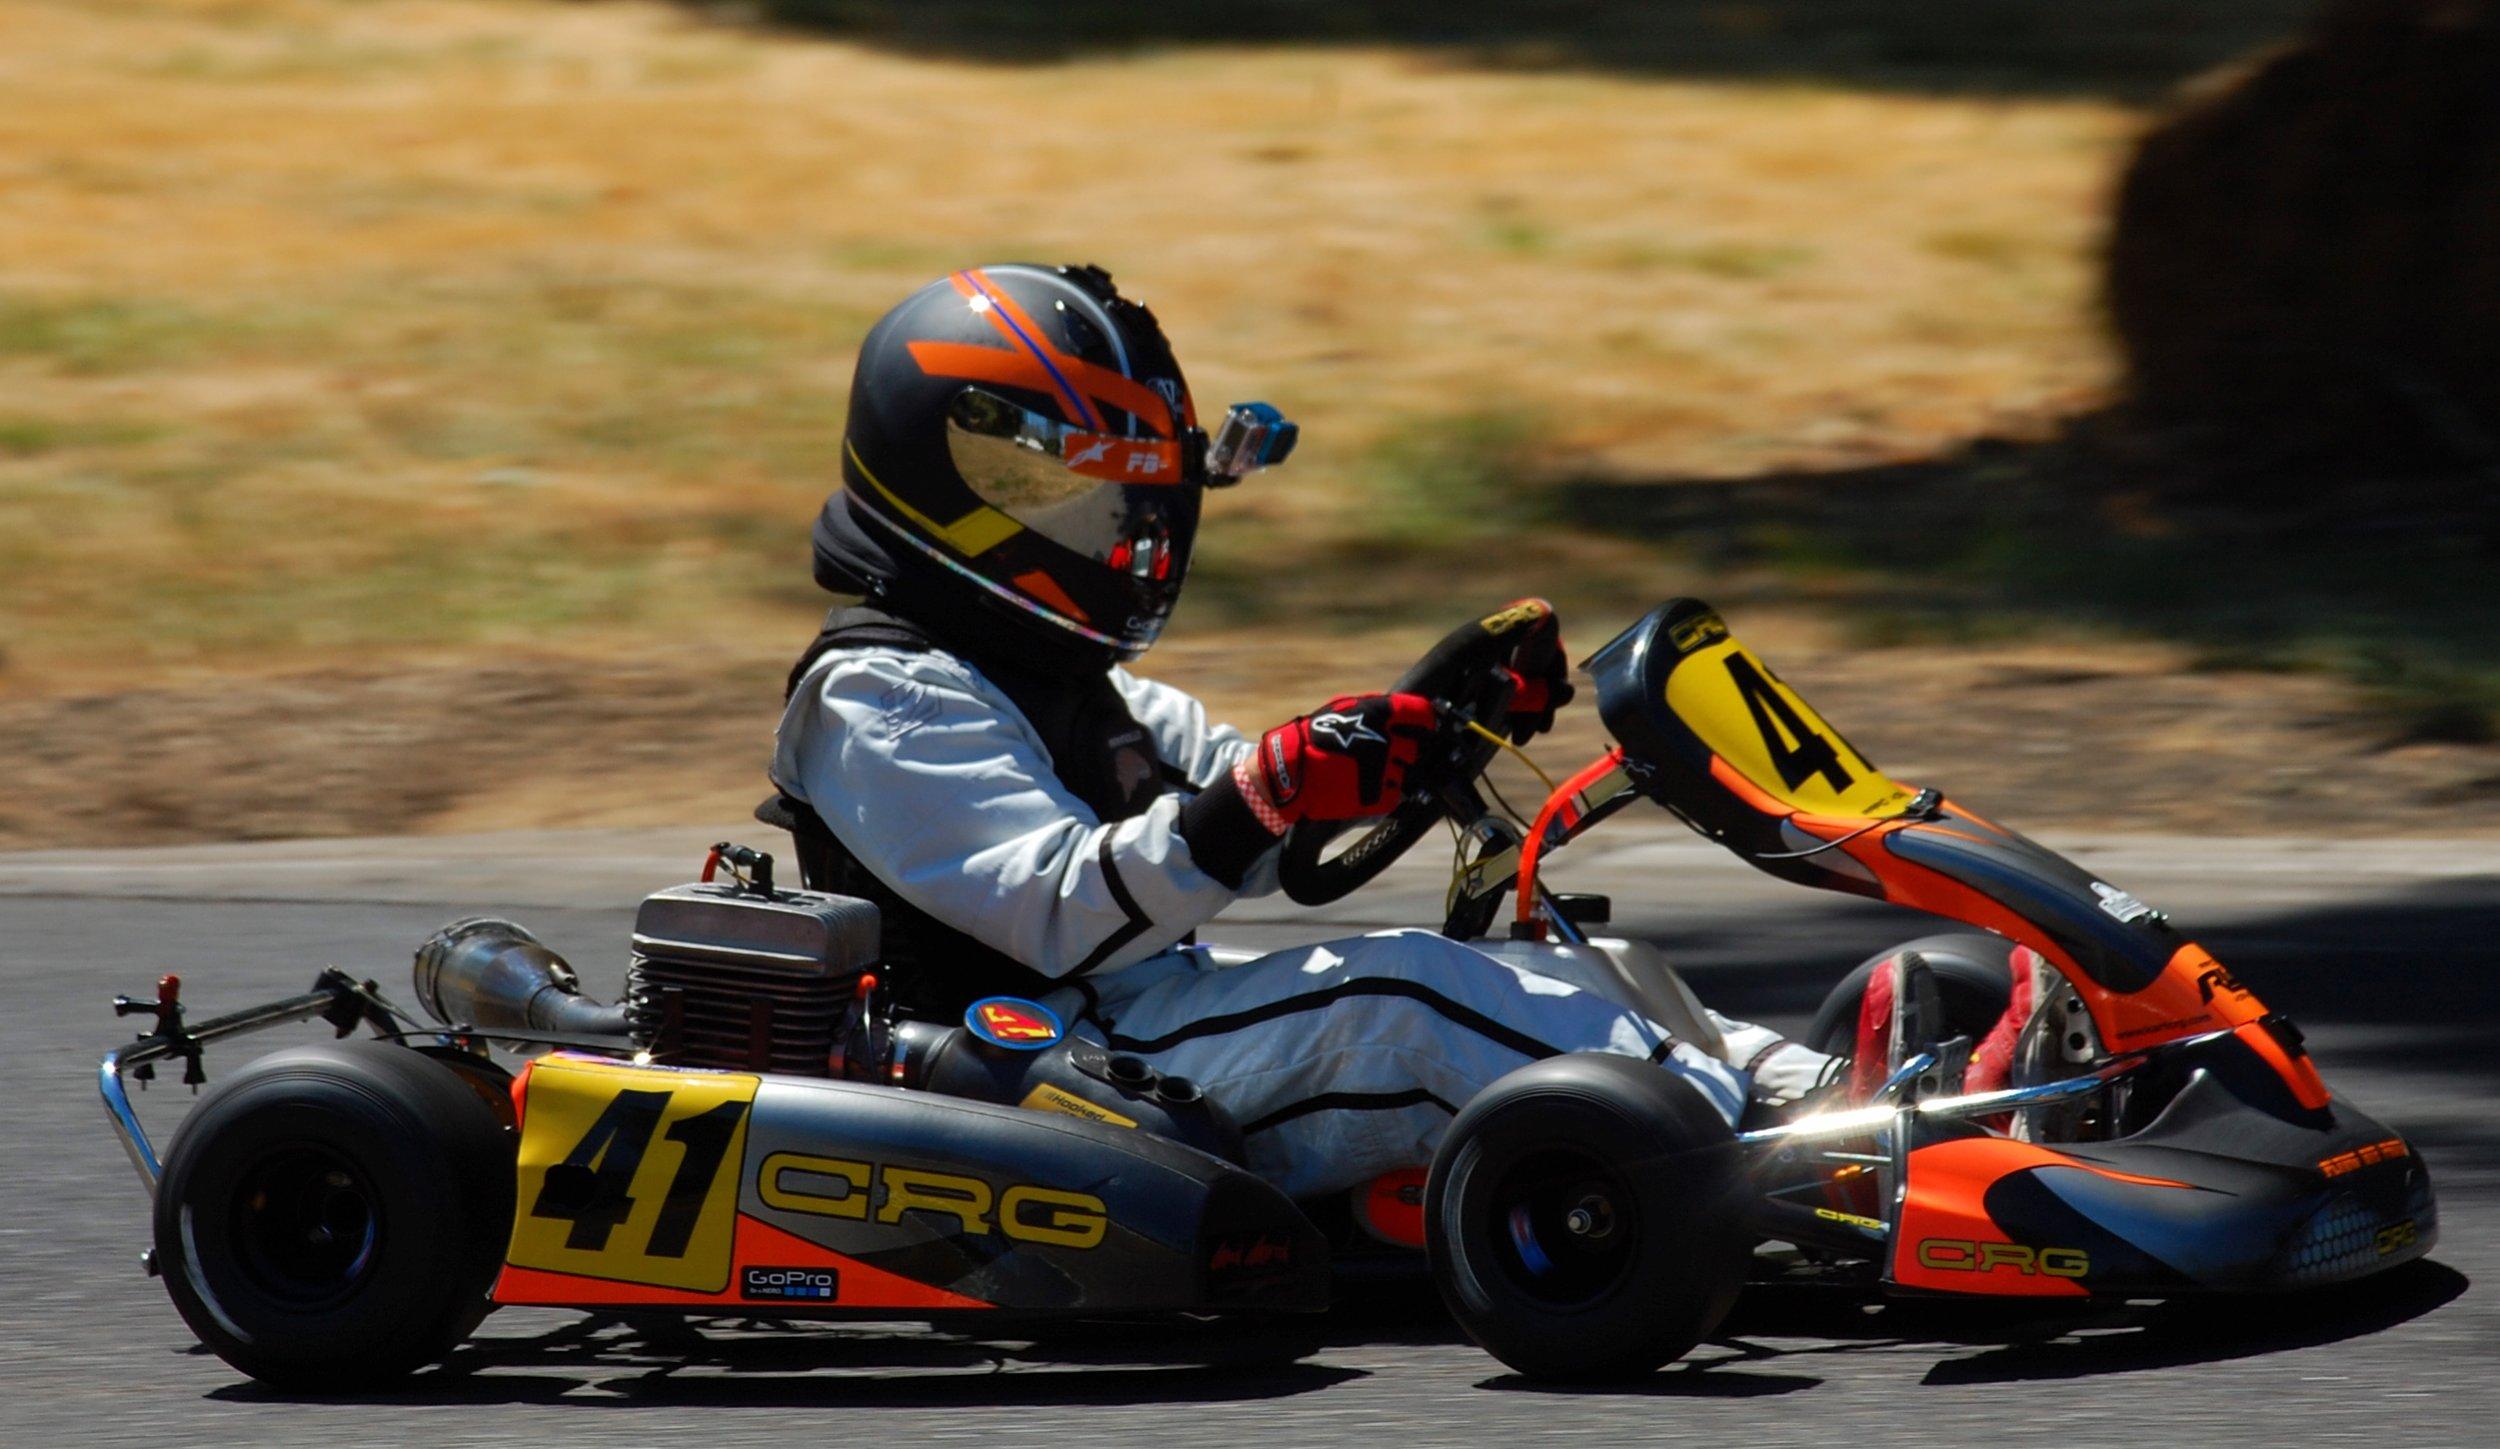 My 2006 CRG Heron+ race kart.